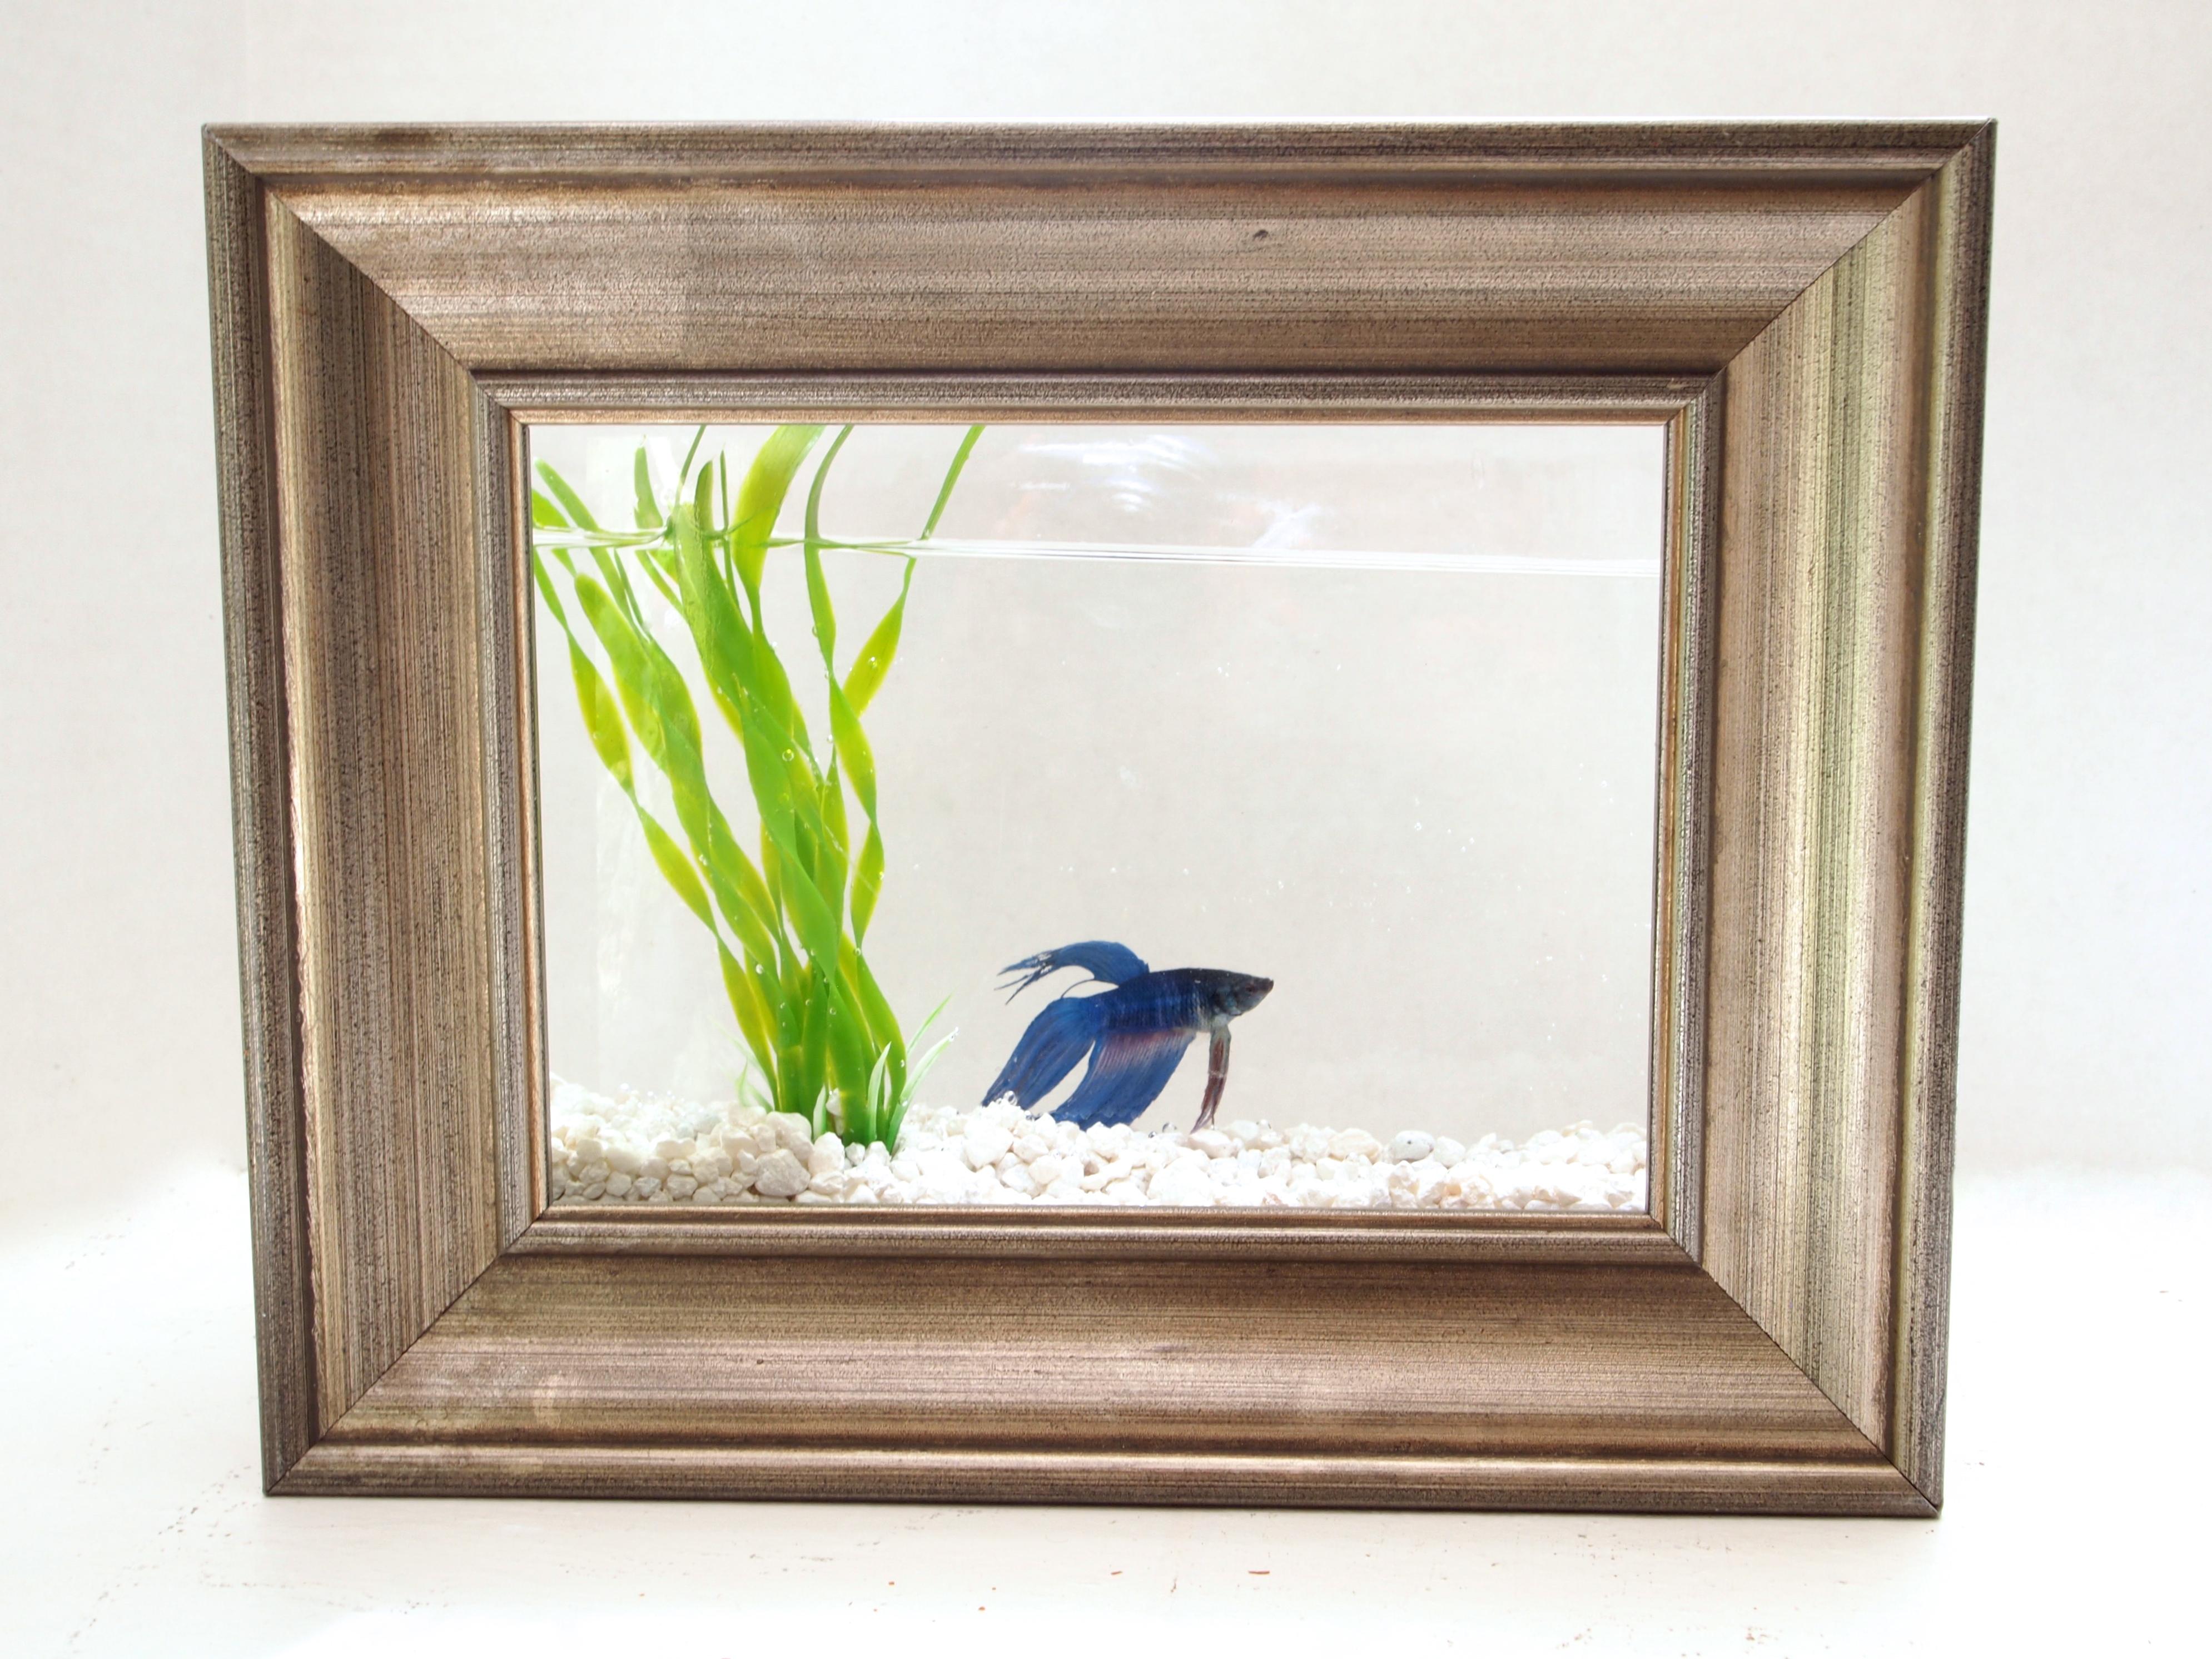 Fish aquarium for betta - Diy Framed Fish Tank